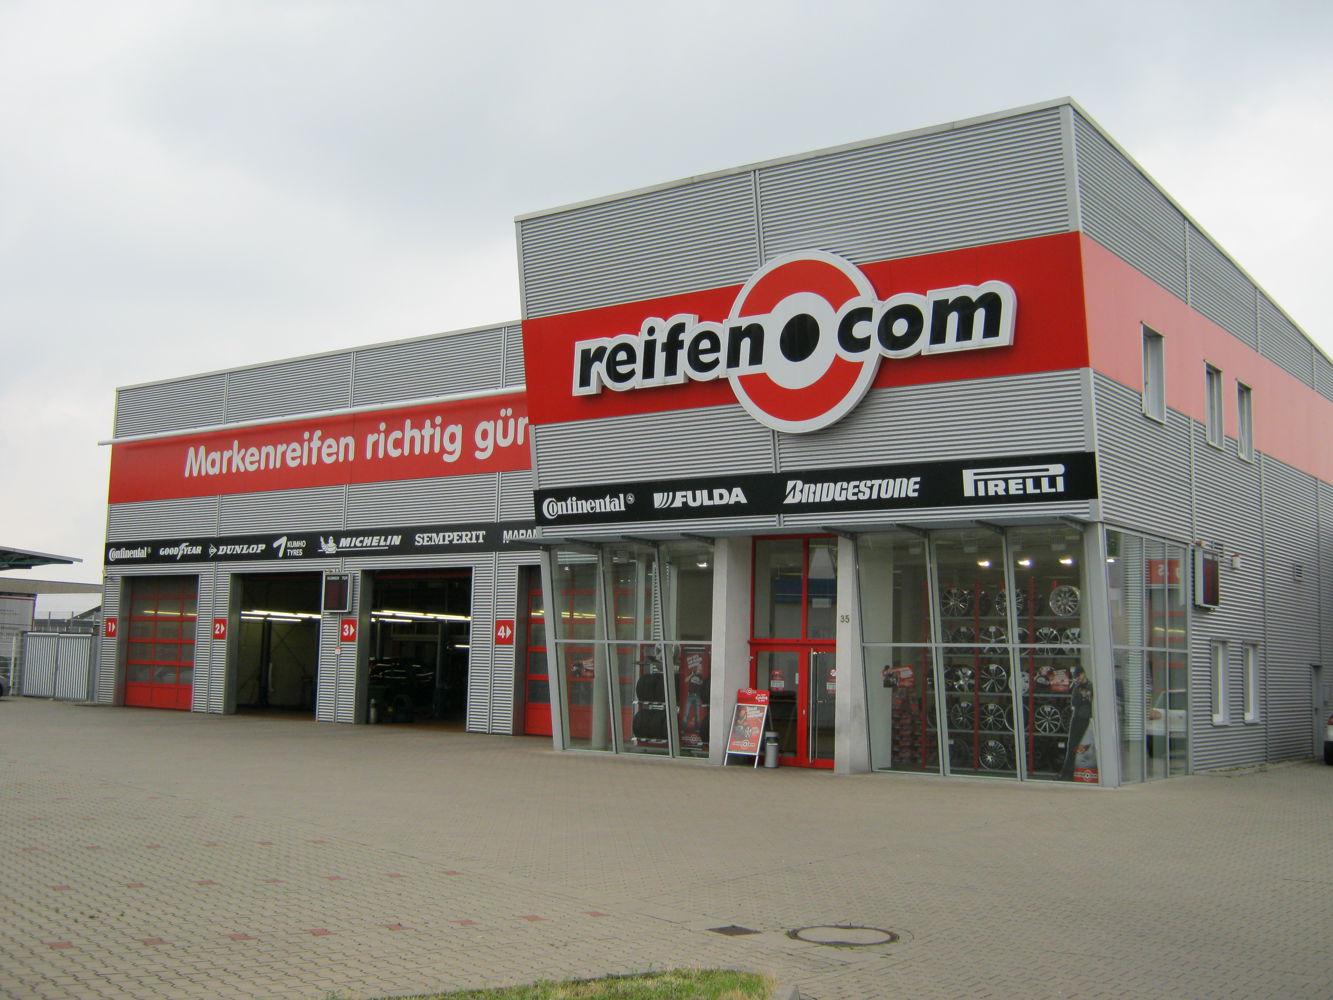 reifen.com-branch in Düsseldorf